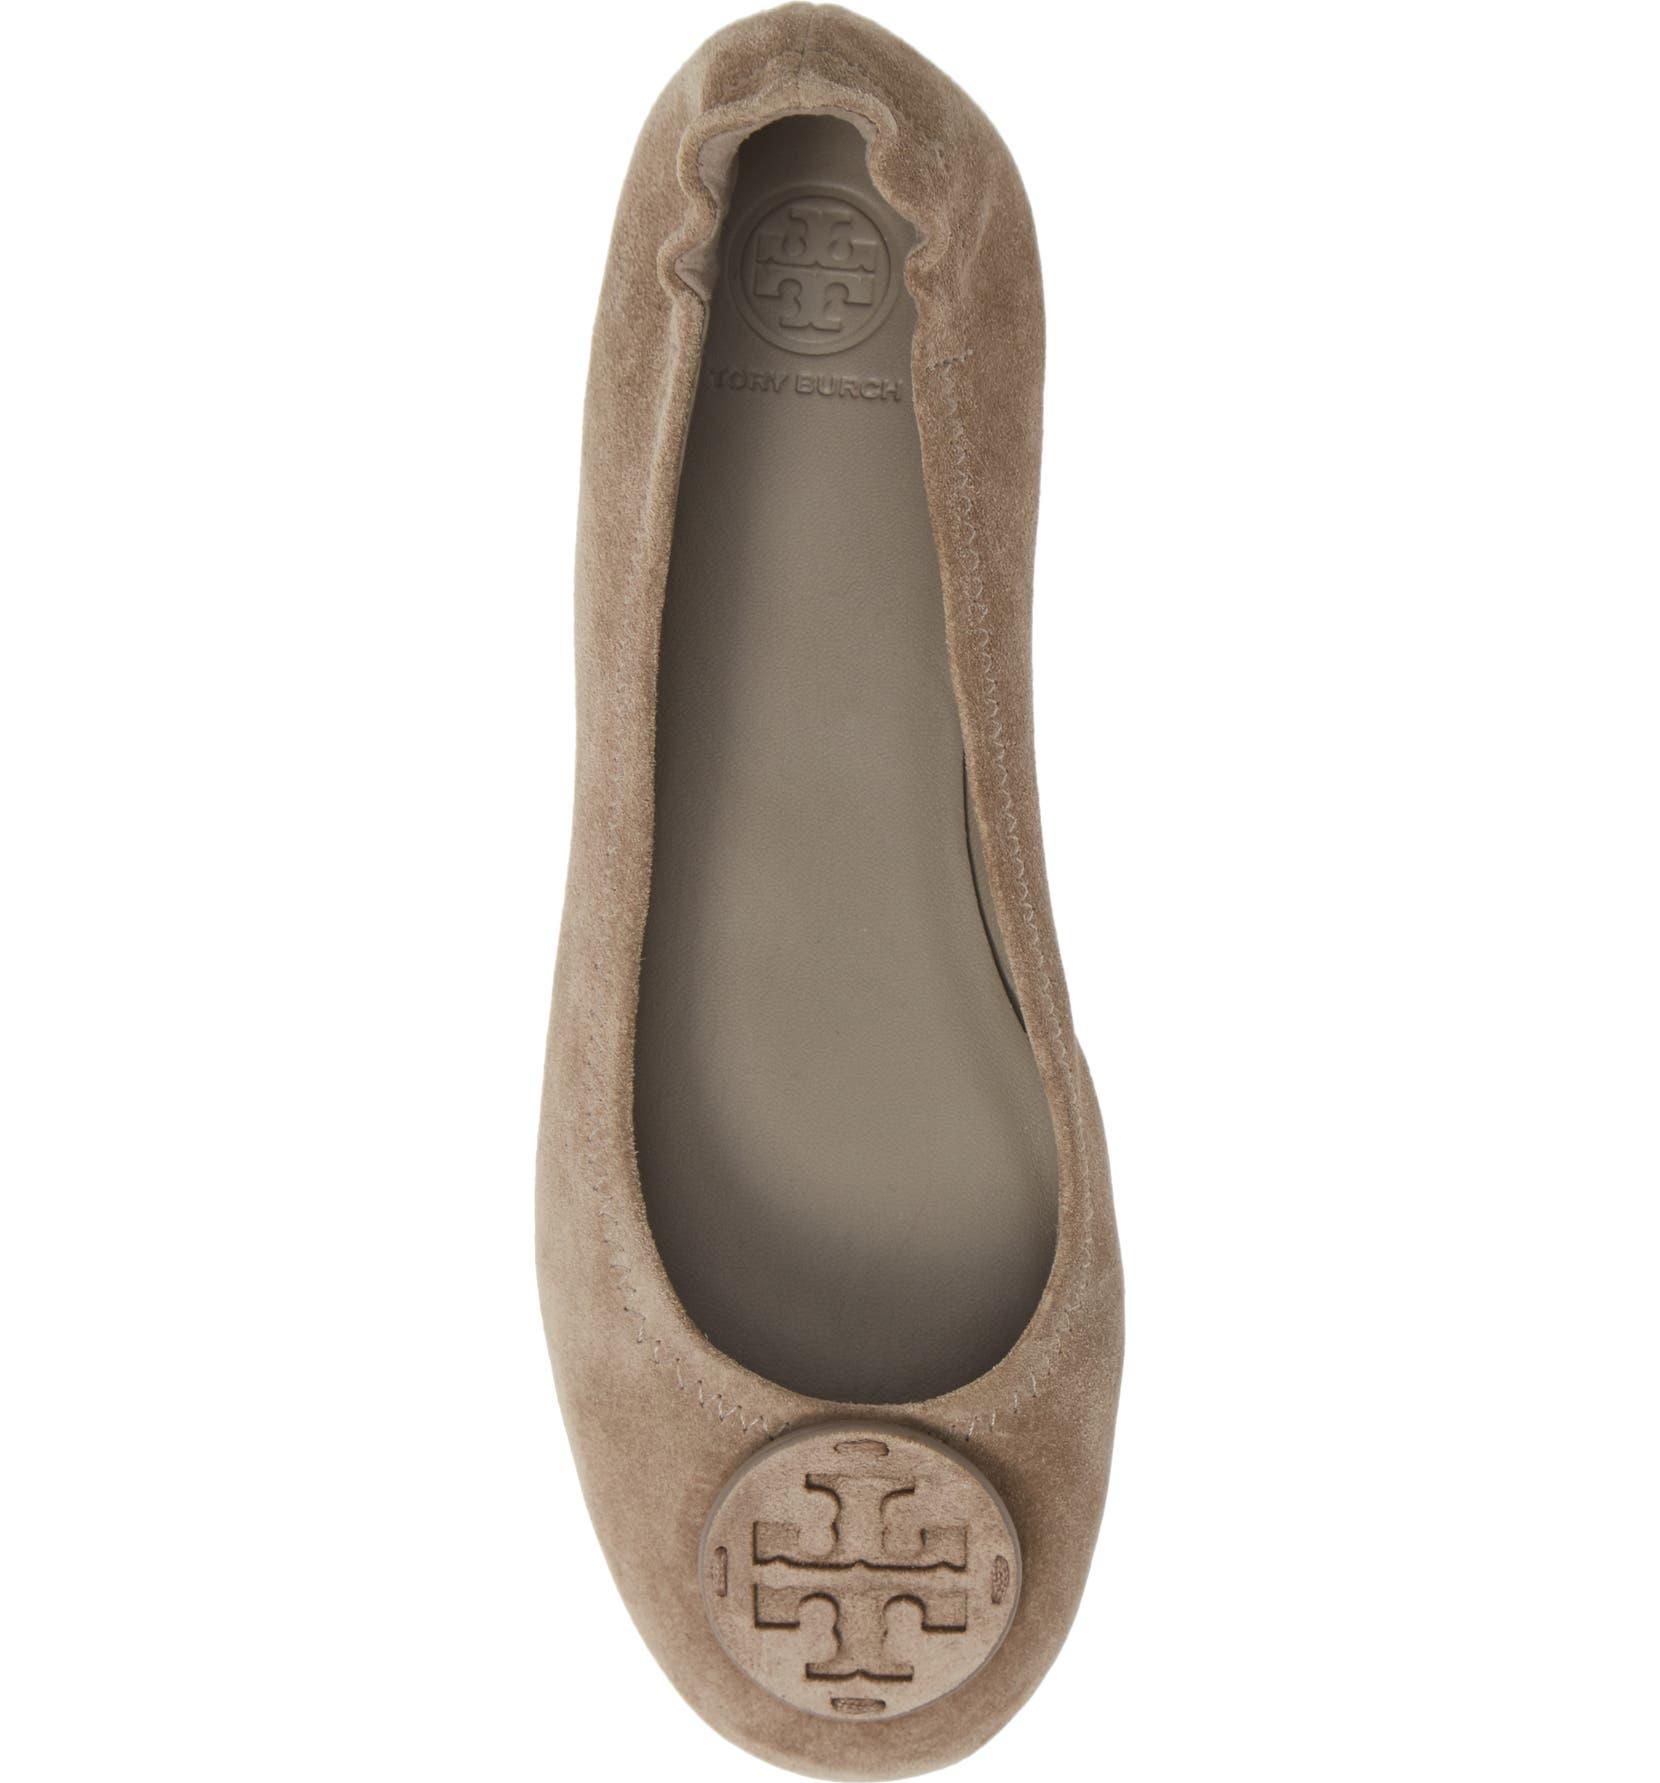 2ba44e06e Tory Burch 'Minnie' Travel Ballet Flat (Women) | Nordstrom